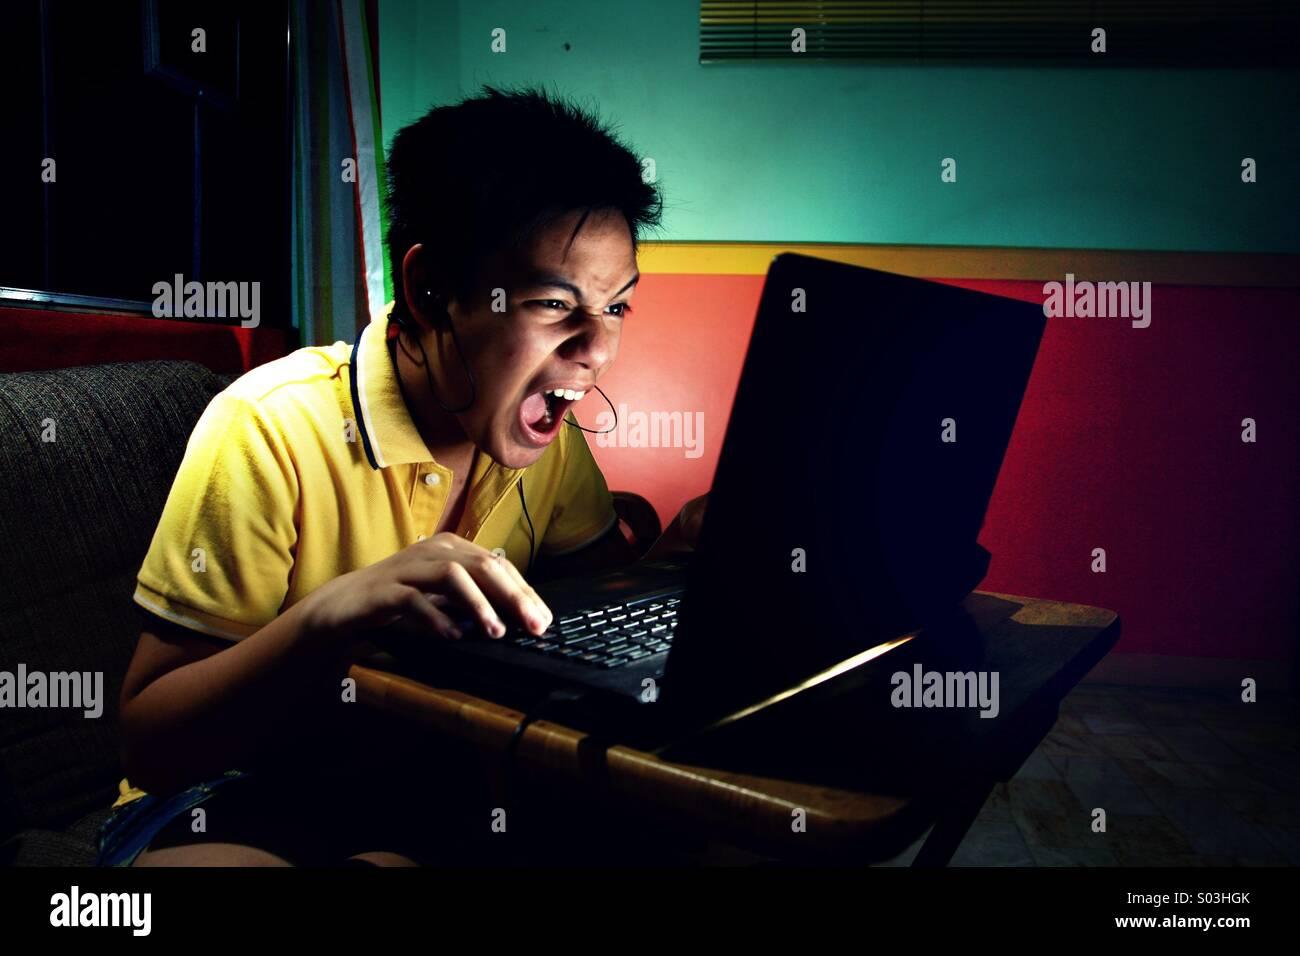 Asiatische Teen jungen spielen intensiv auf einem Laptopcomputer Stockbild